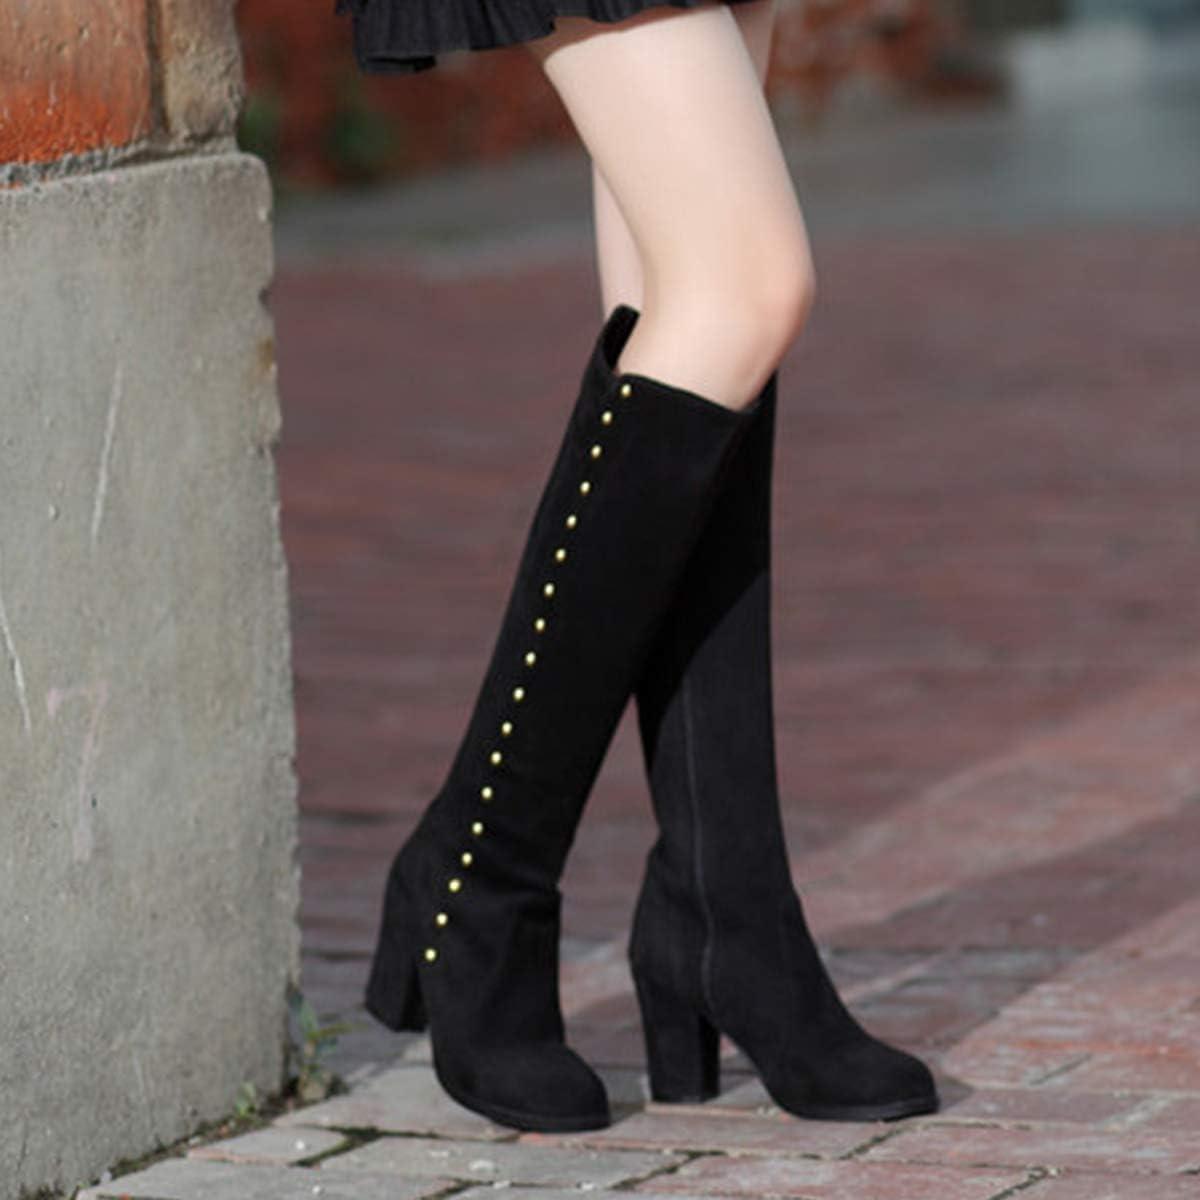 LILIAAS De Las Mujeres De Alta Botas De Ante, Cierre Relámpago del Lado Remaches Calentar Moda Versátil Jinete Botas Black LvSo6